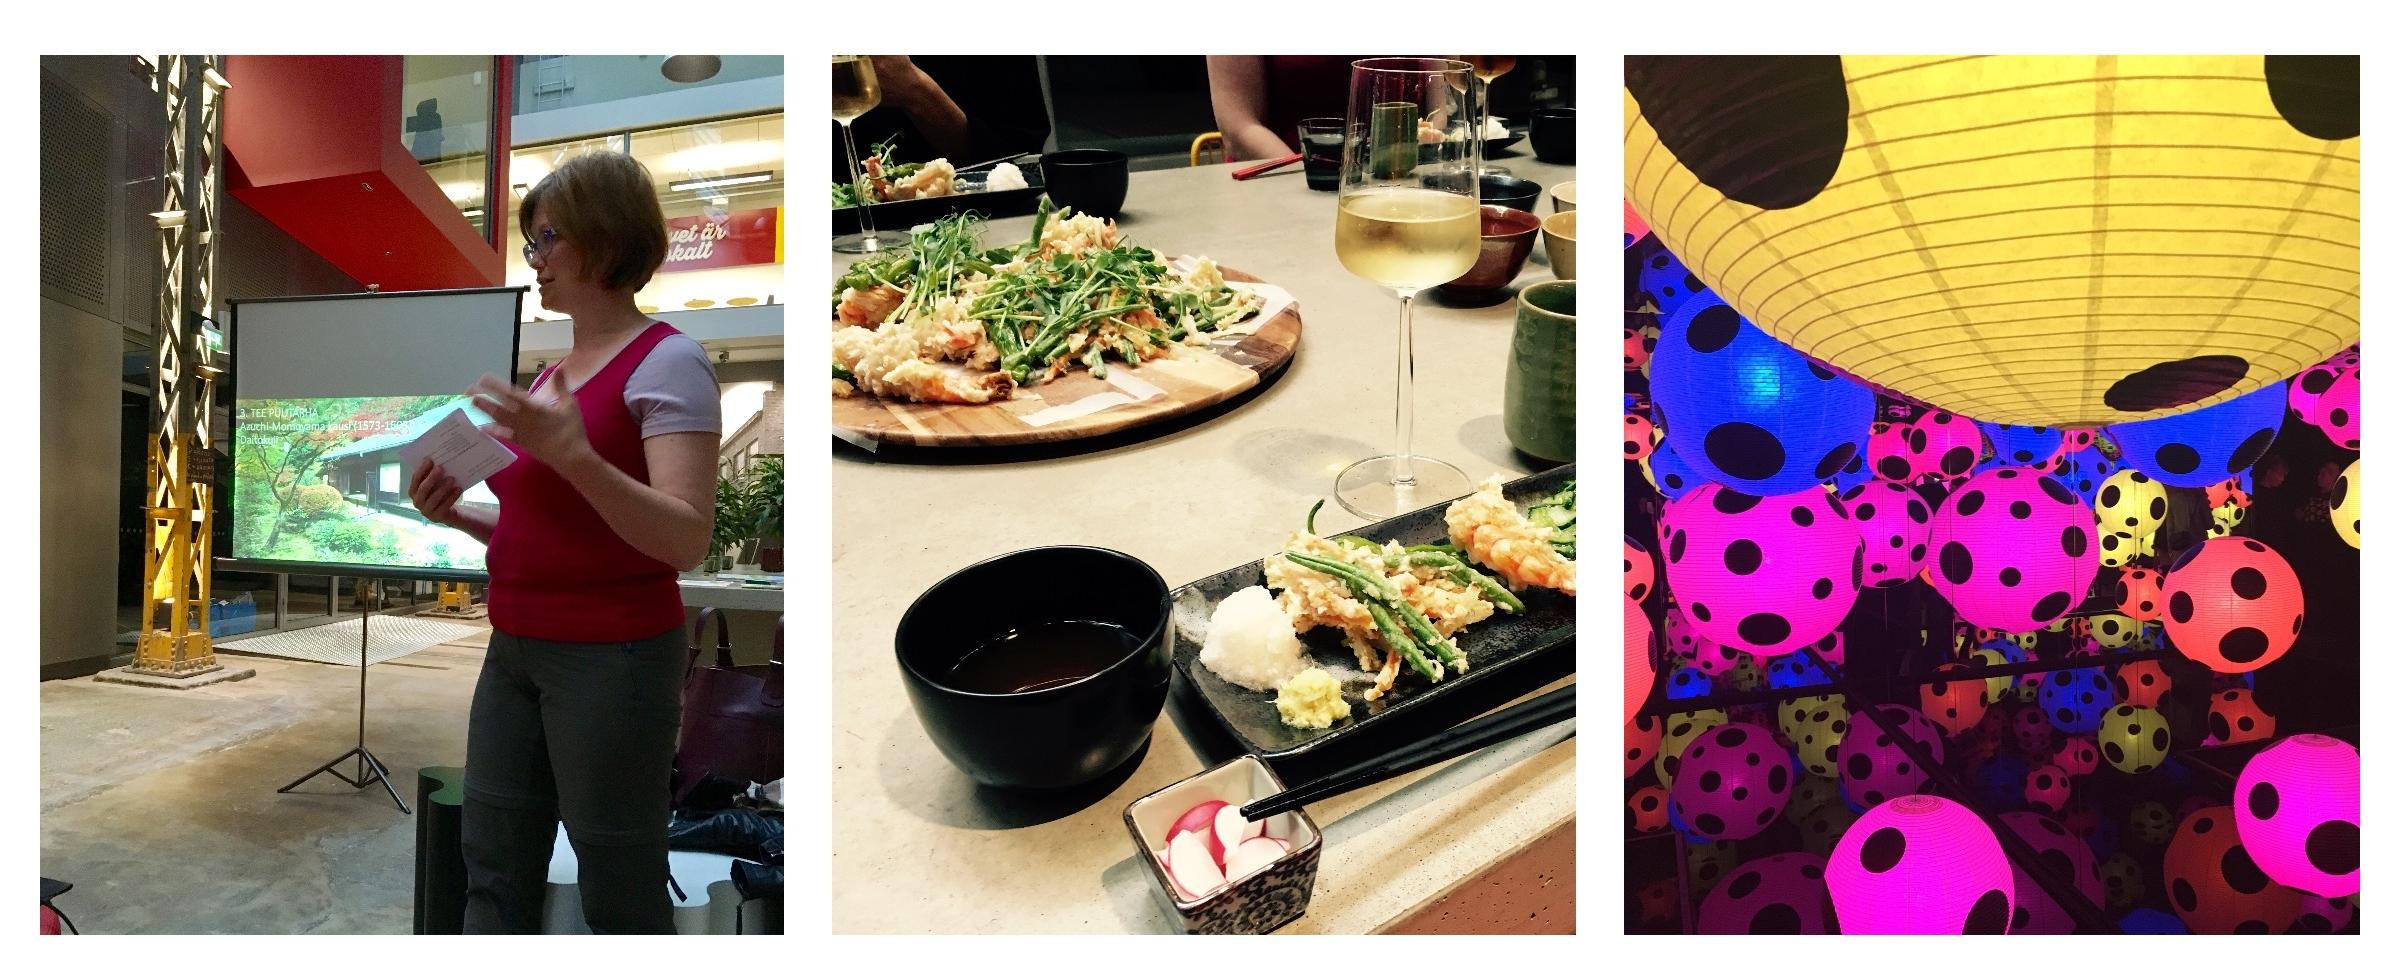 Kristina Vahvaselkä pitää esitelmää japanilaisista puutarhoista Tabi-tapaamisessa, tutustumme jo ennen lähtöä japanilaiseen ruokakulttuuriin  Yasukon keittiön  avustuksella, Yayoi Kusaman näyttely HAM:ssa.